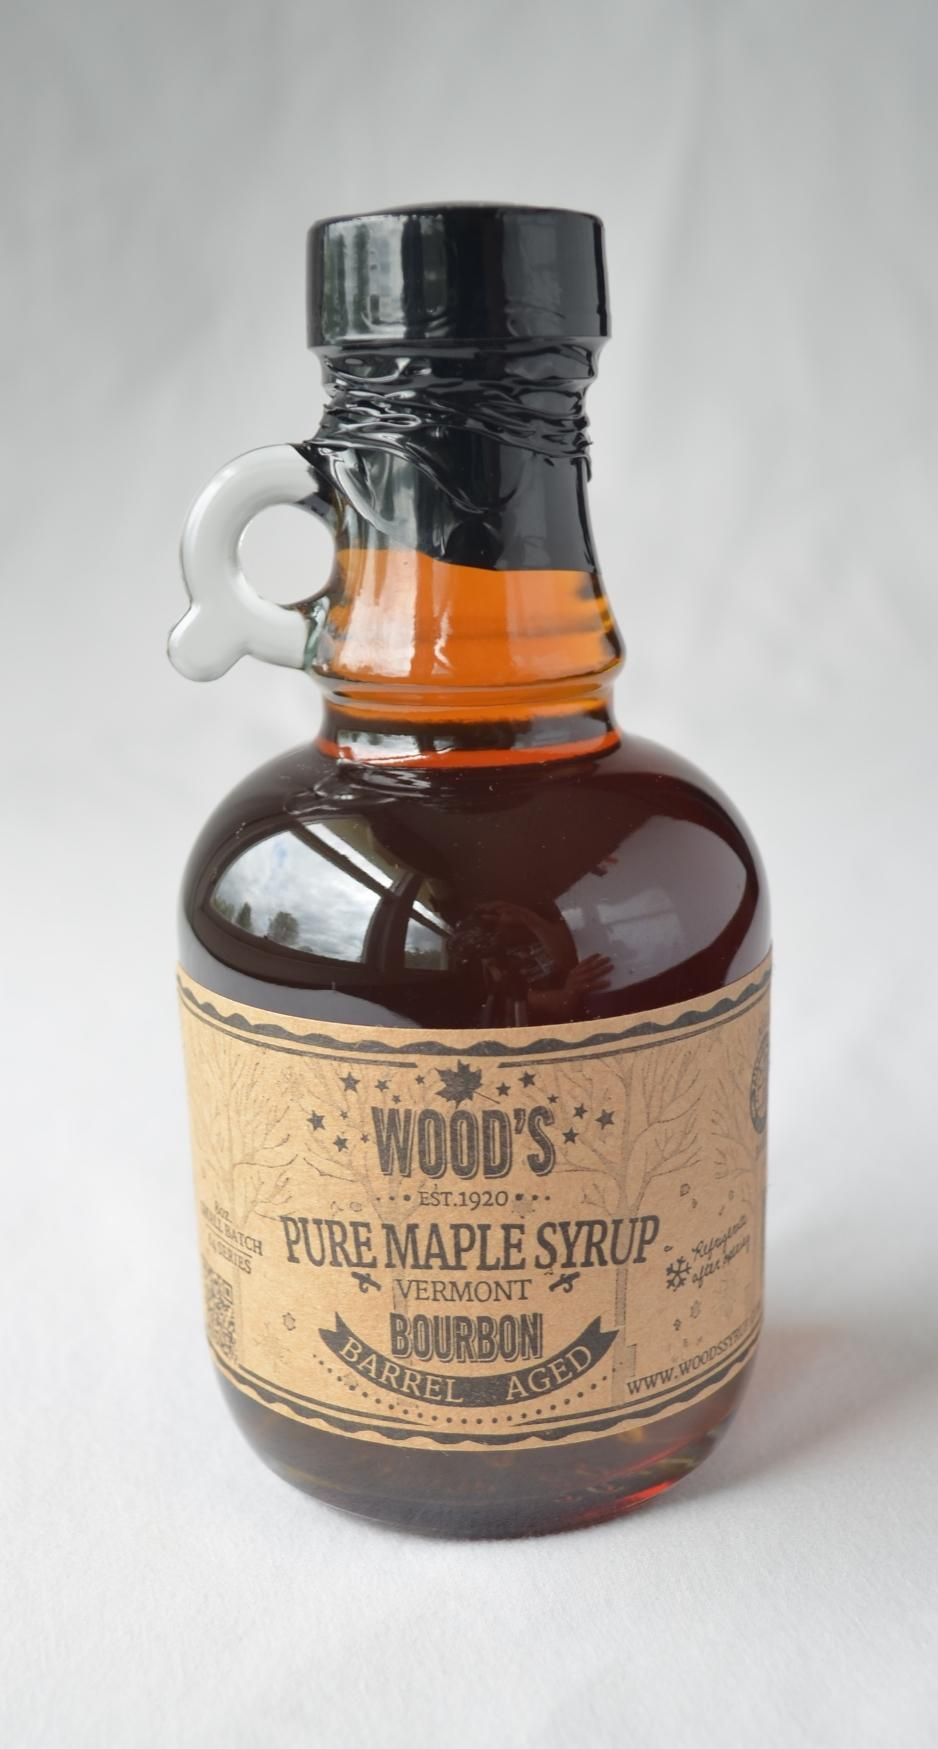 Bourbon barrel aged syrup bourbon barrel syrup bottle